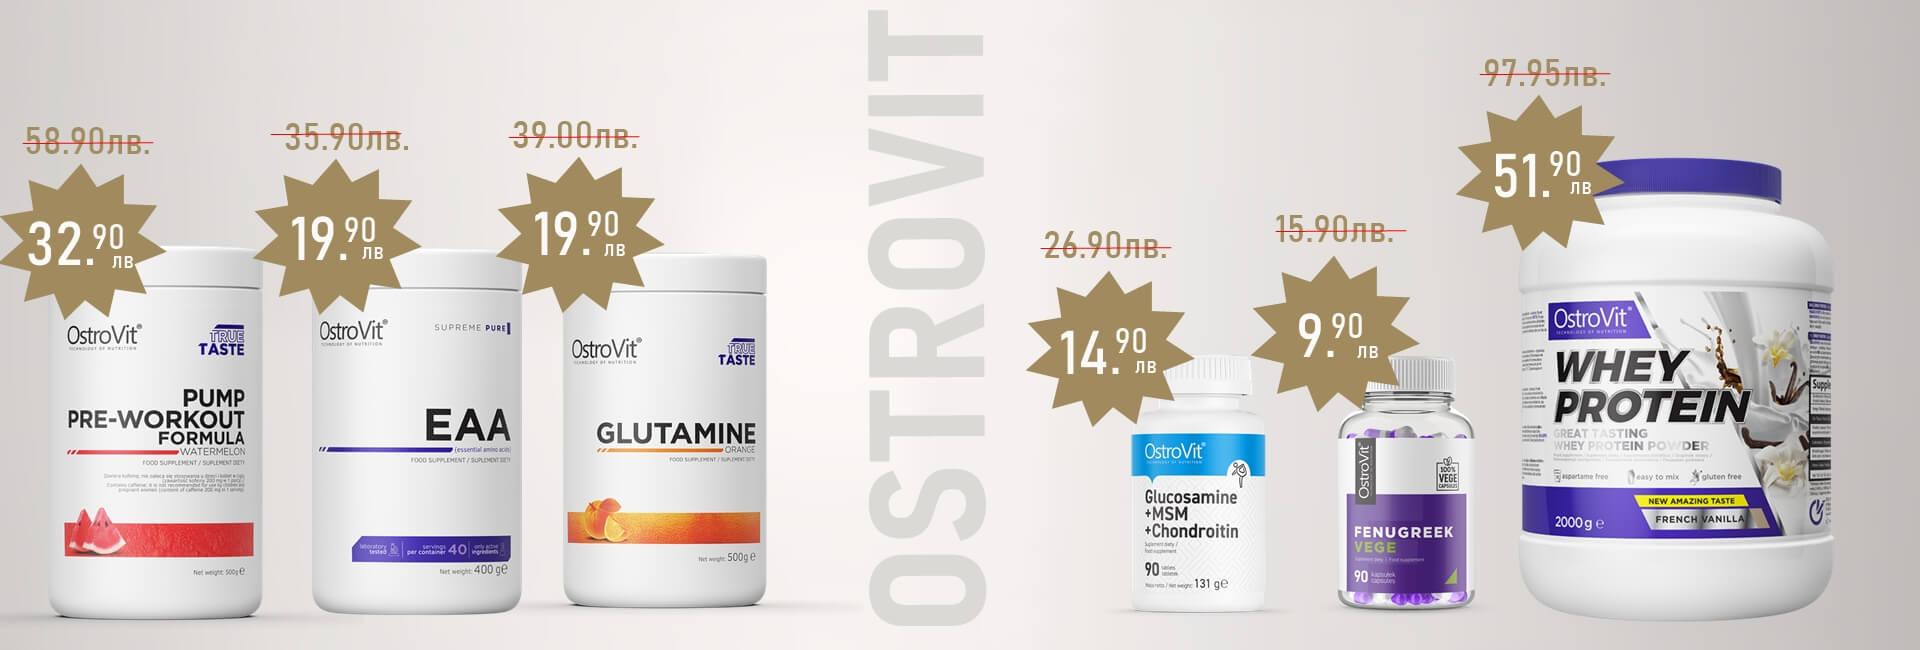 Ostrovit-supplement